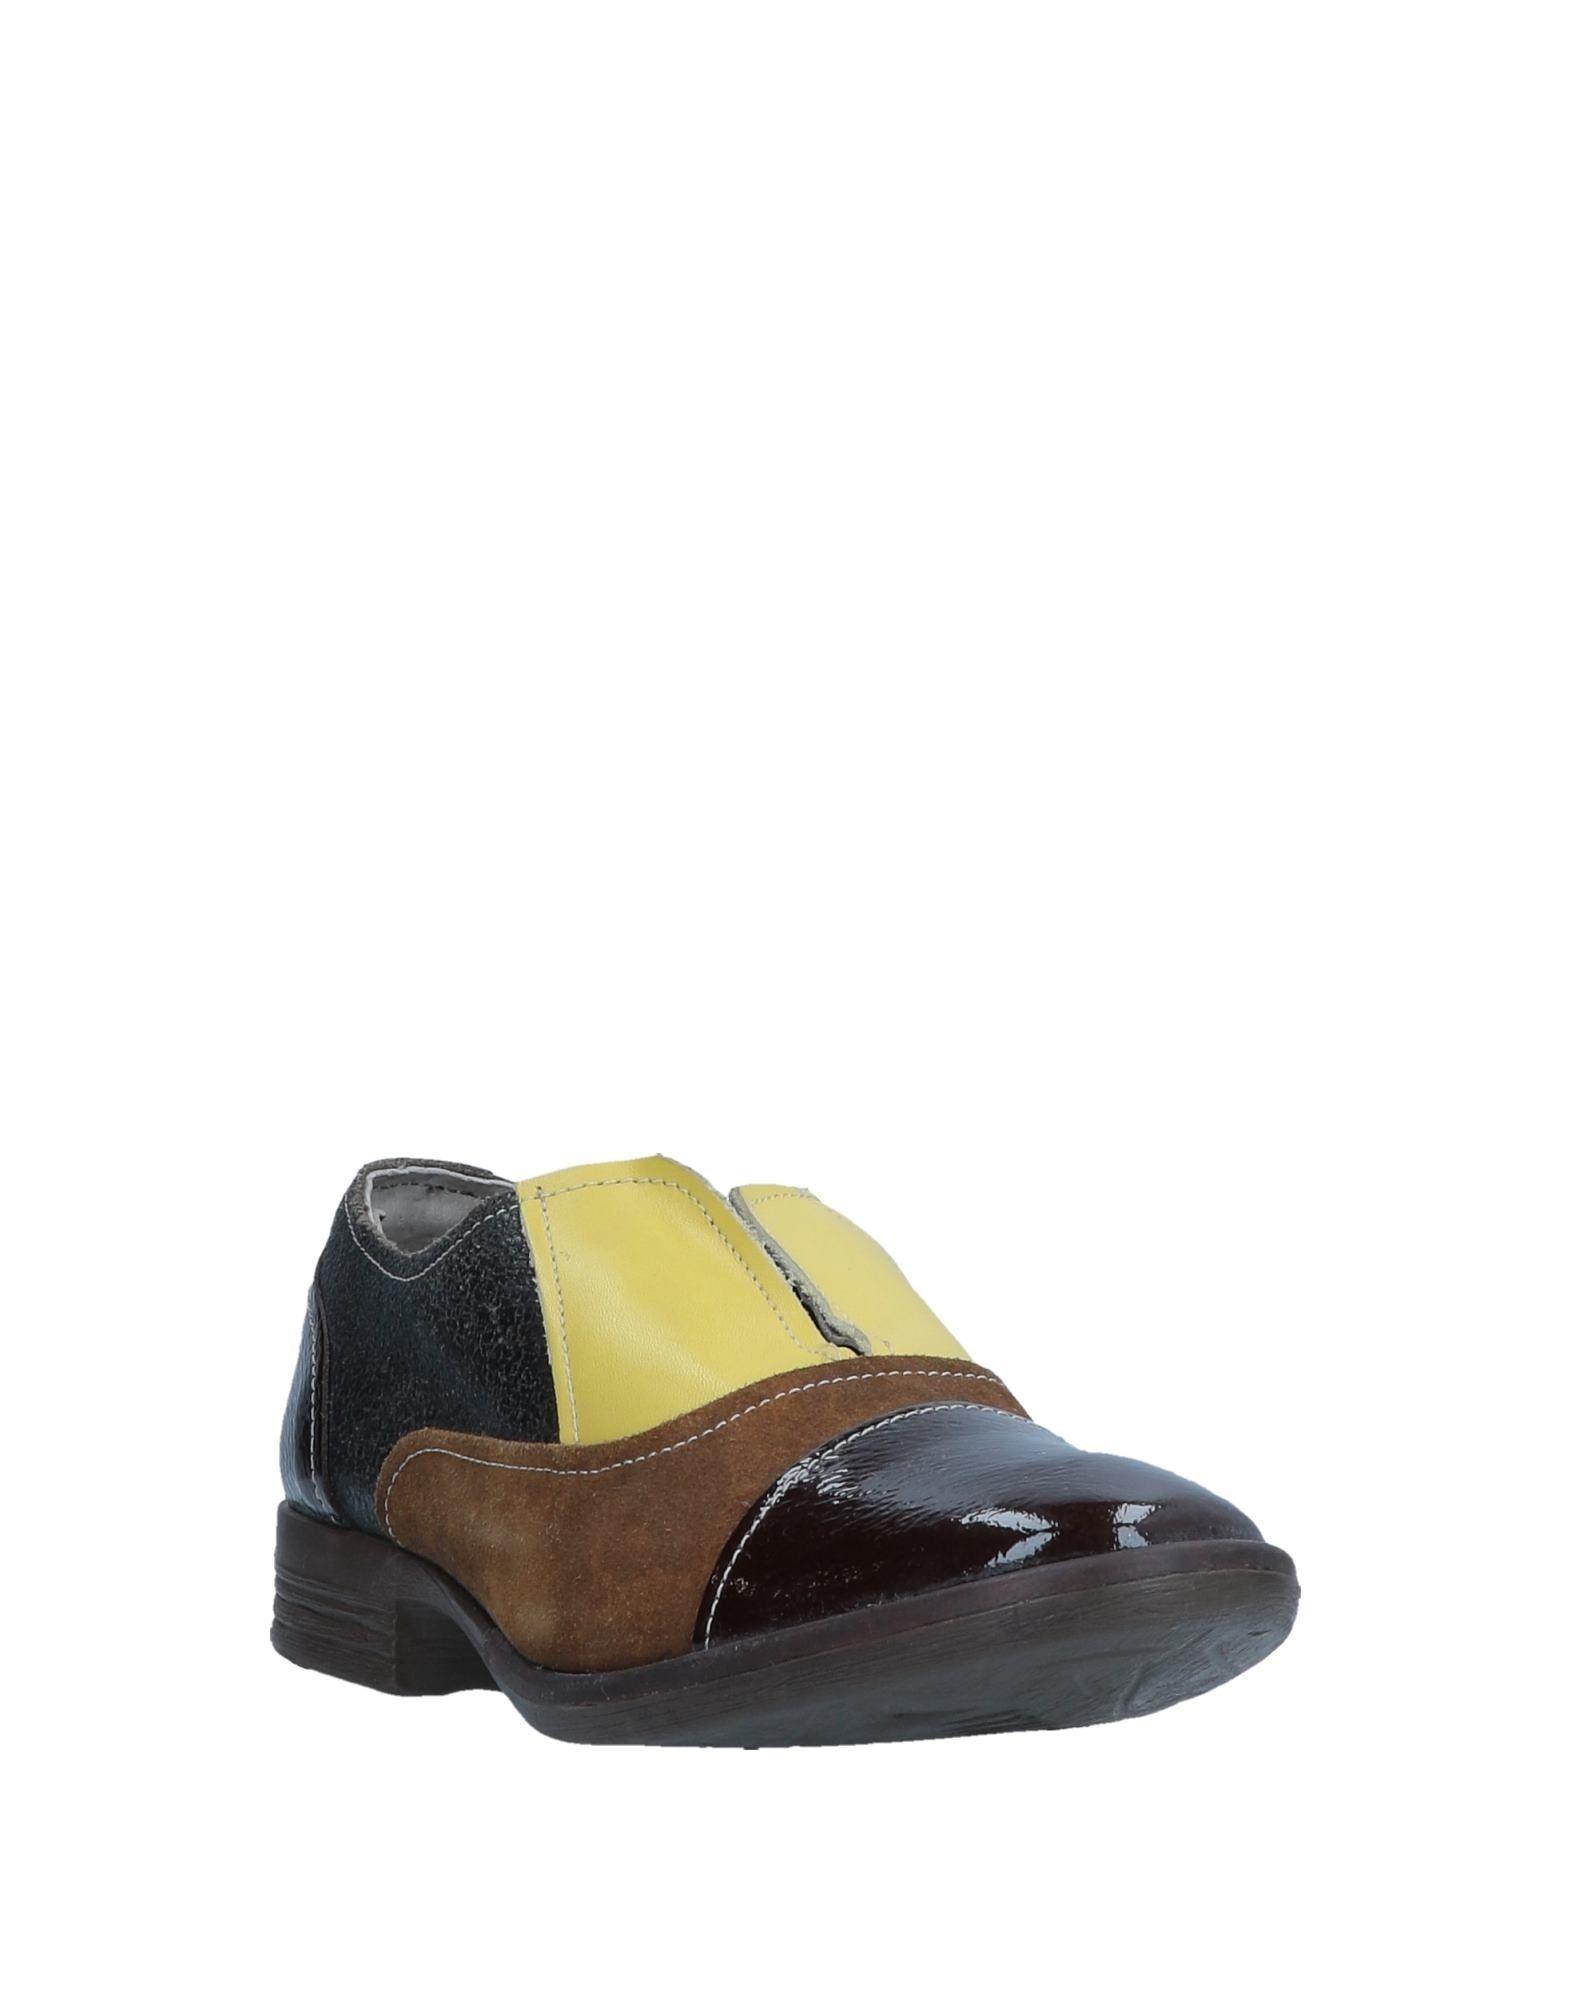 Ebarrito Gute Mokassins Damen  11552324VP Gute Ebarrito Qualität beliebte Schuhe fb44d7